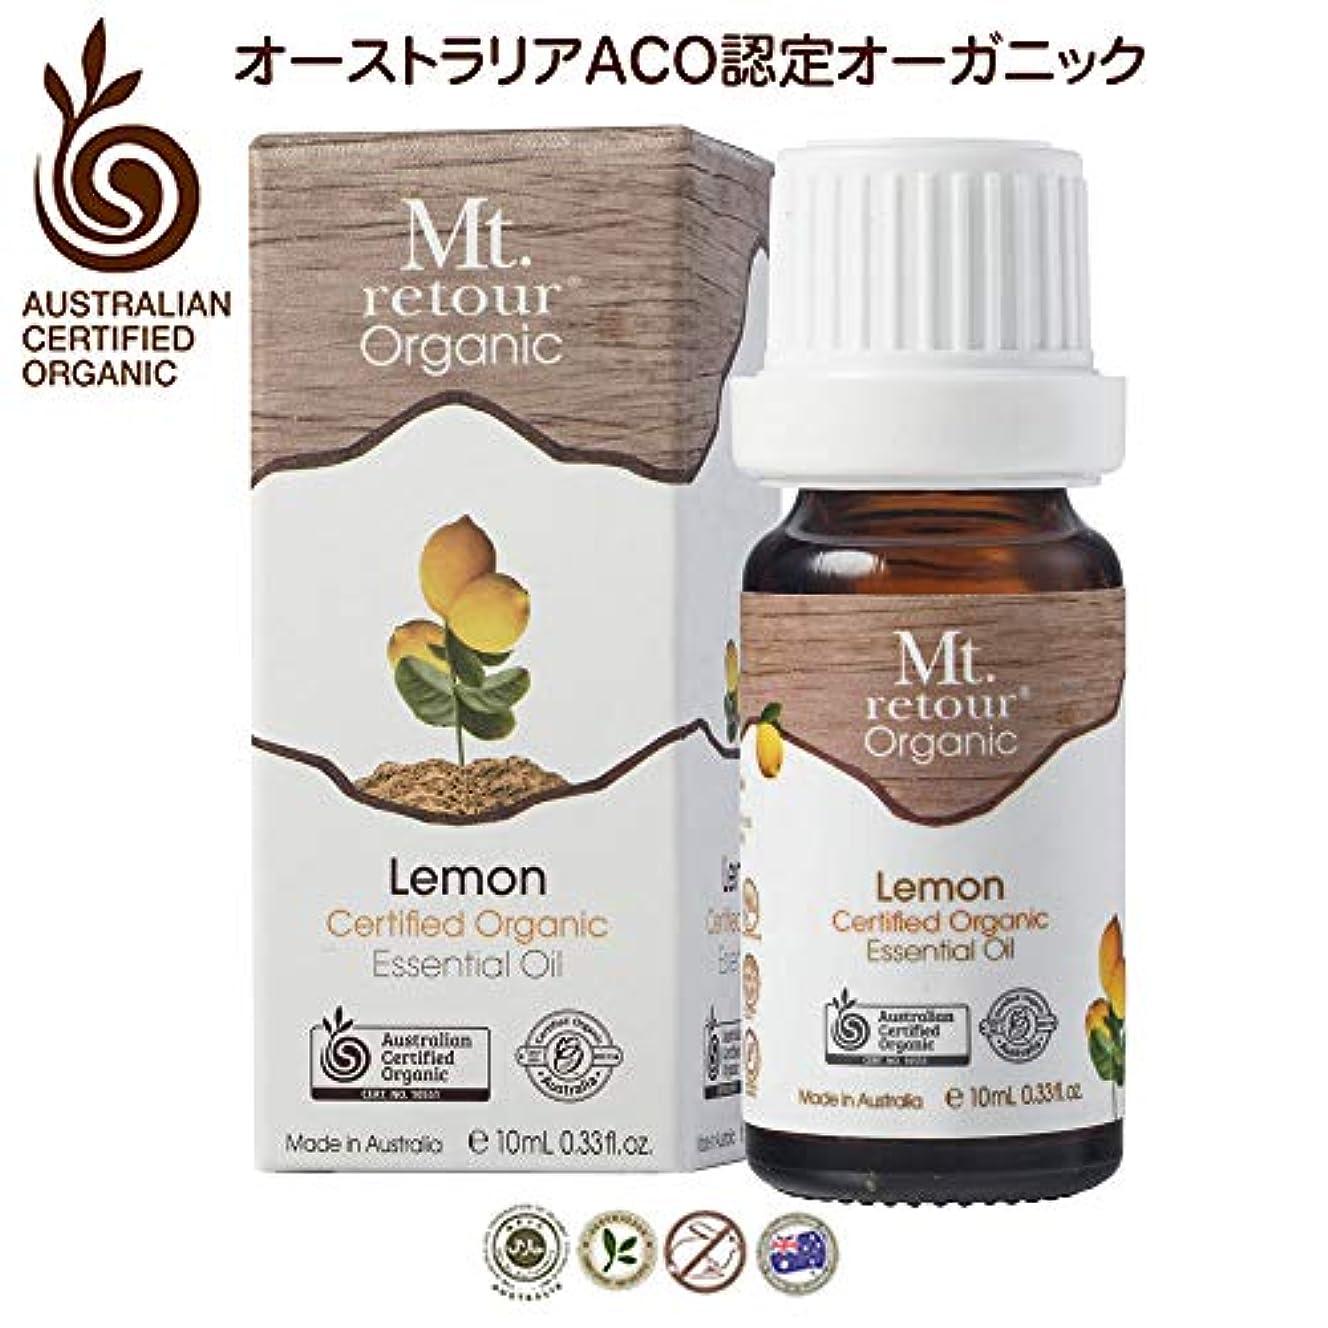 相互接続足民主主義Mt. retour ACO認定オーガニック レモン 10ml エッセンシャルオイル(無農薬有機栽培)アロマ